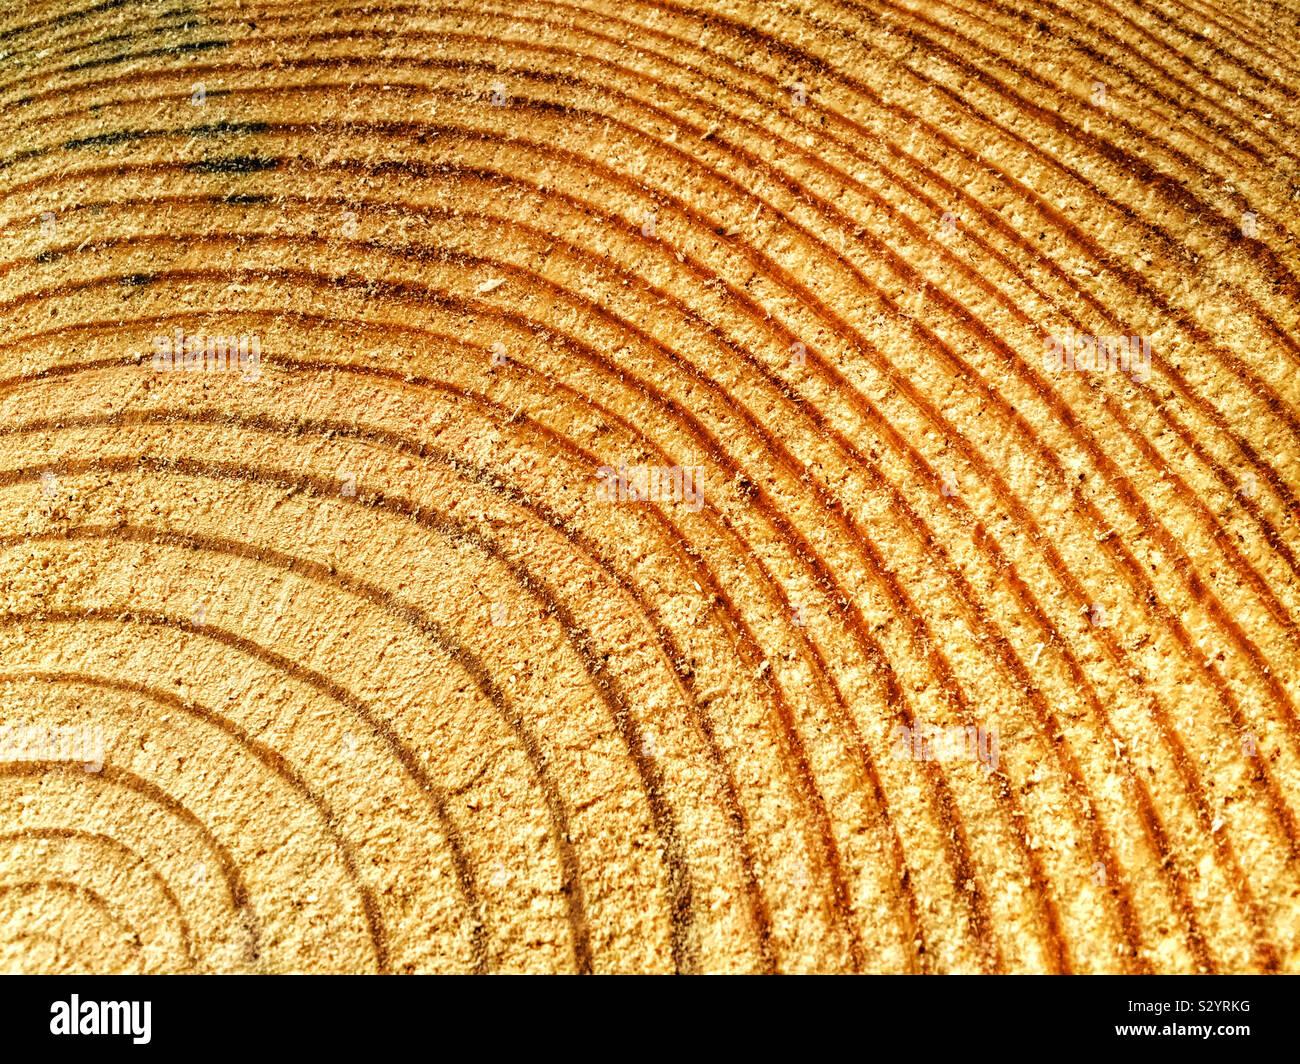 Un albero di pino è stata tagliata e gli anelli di accrescimento mostra quanto è vecchio se è possibile contare il numero di anelli concentrici. Foto Stock